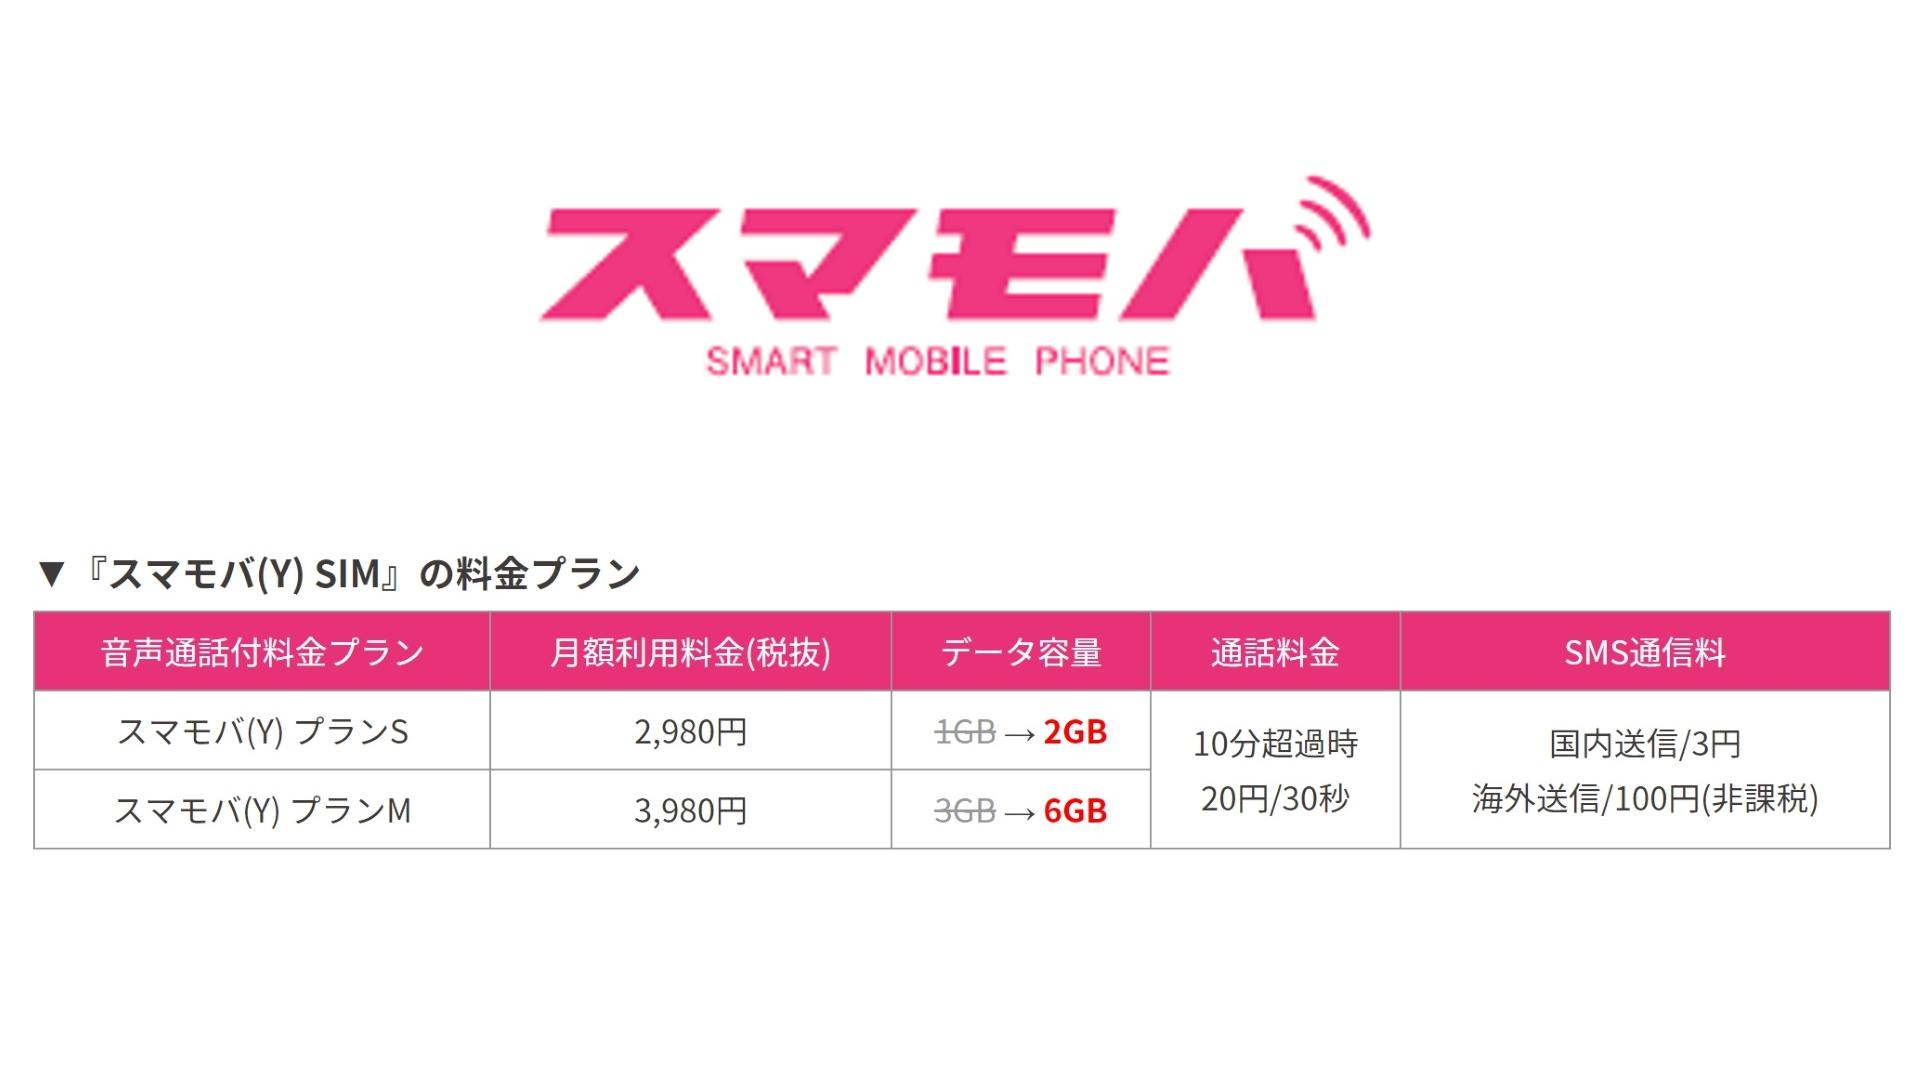 スマモバ、Y!mobile回線を利用した新プラン「スマモバ(Y)」を提供開始